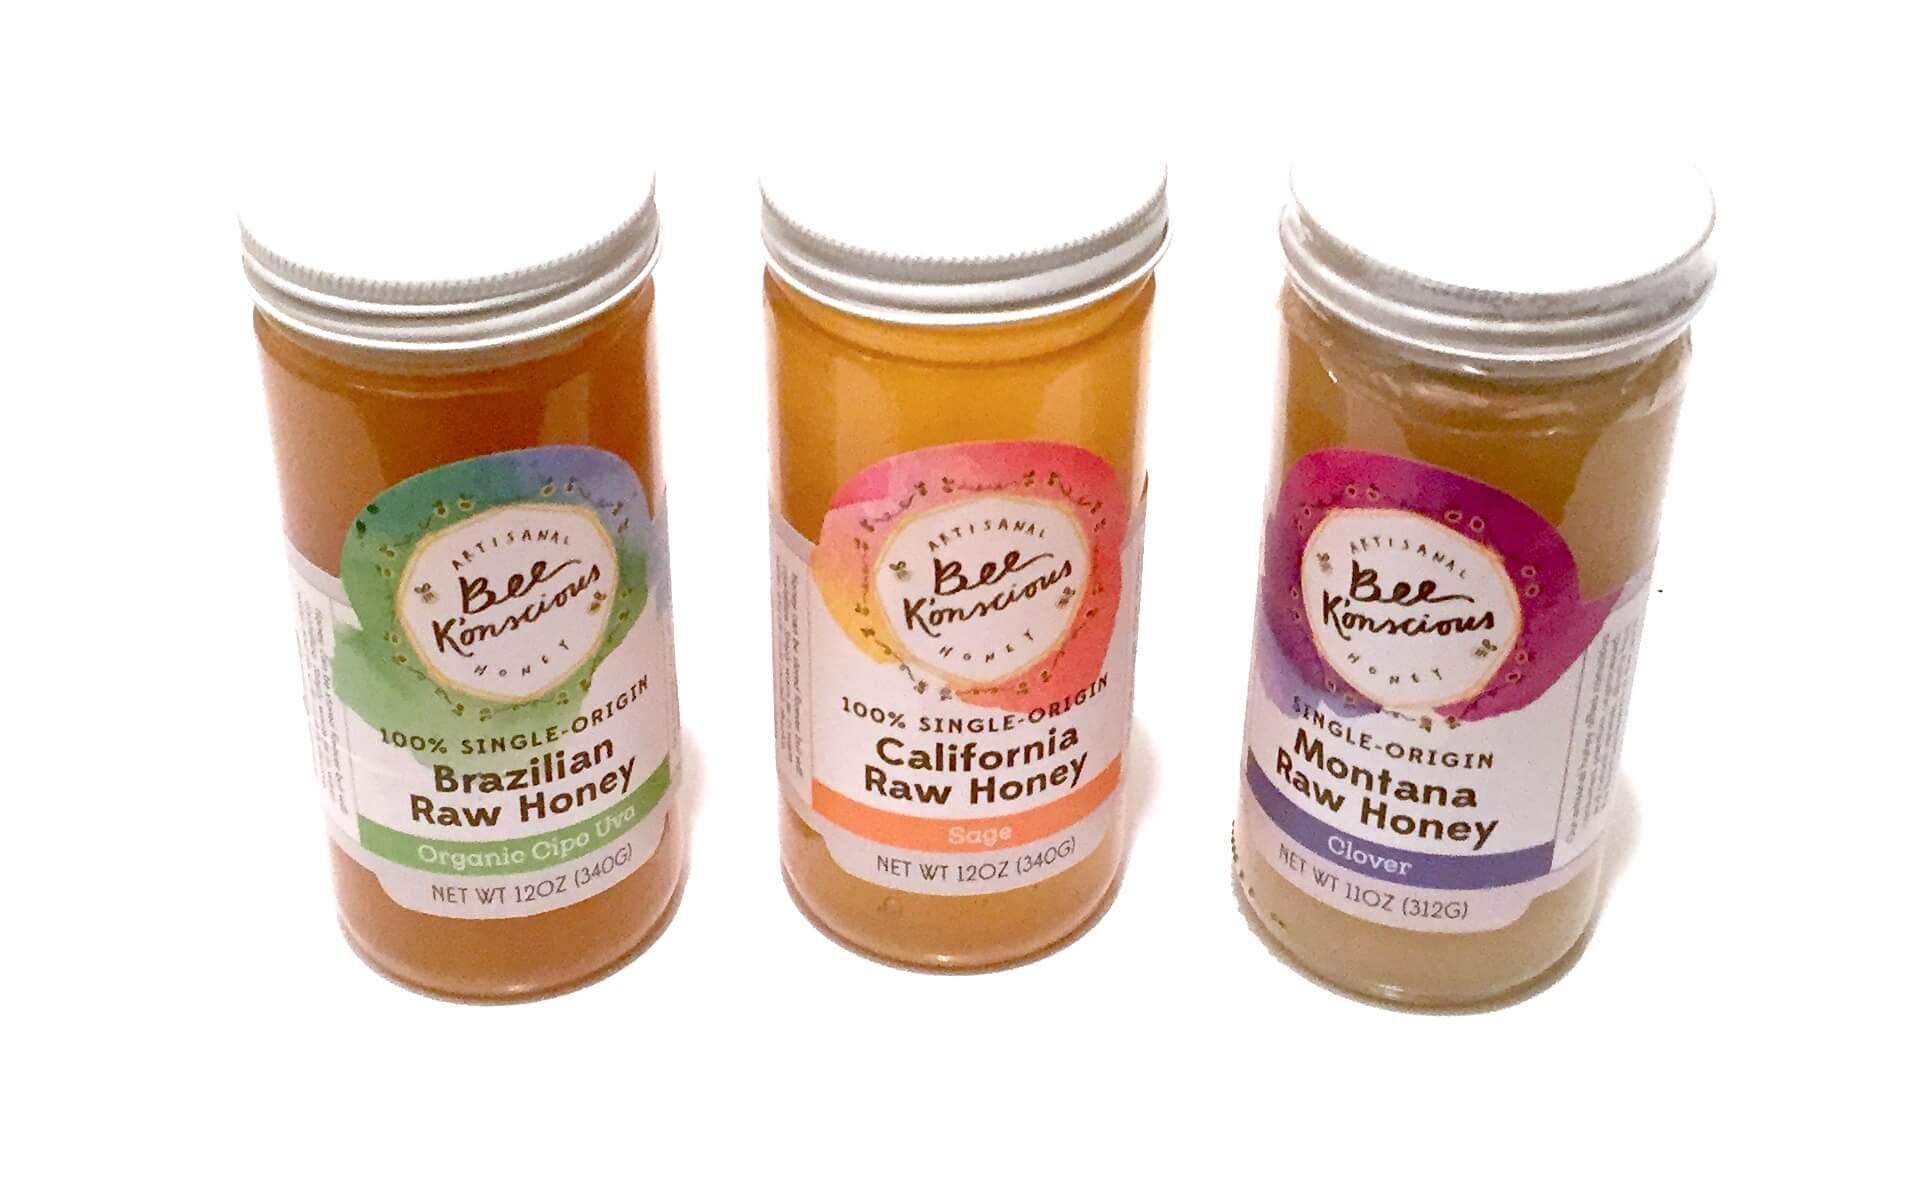 bee-konscious-honey-varieties-050420